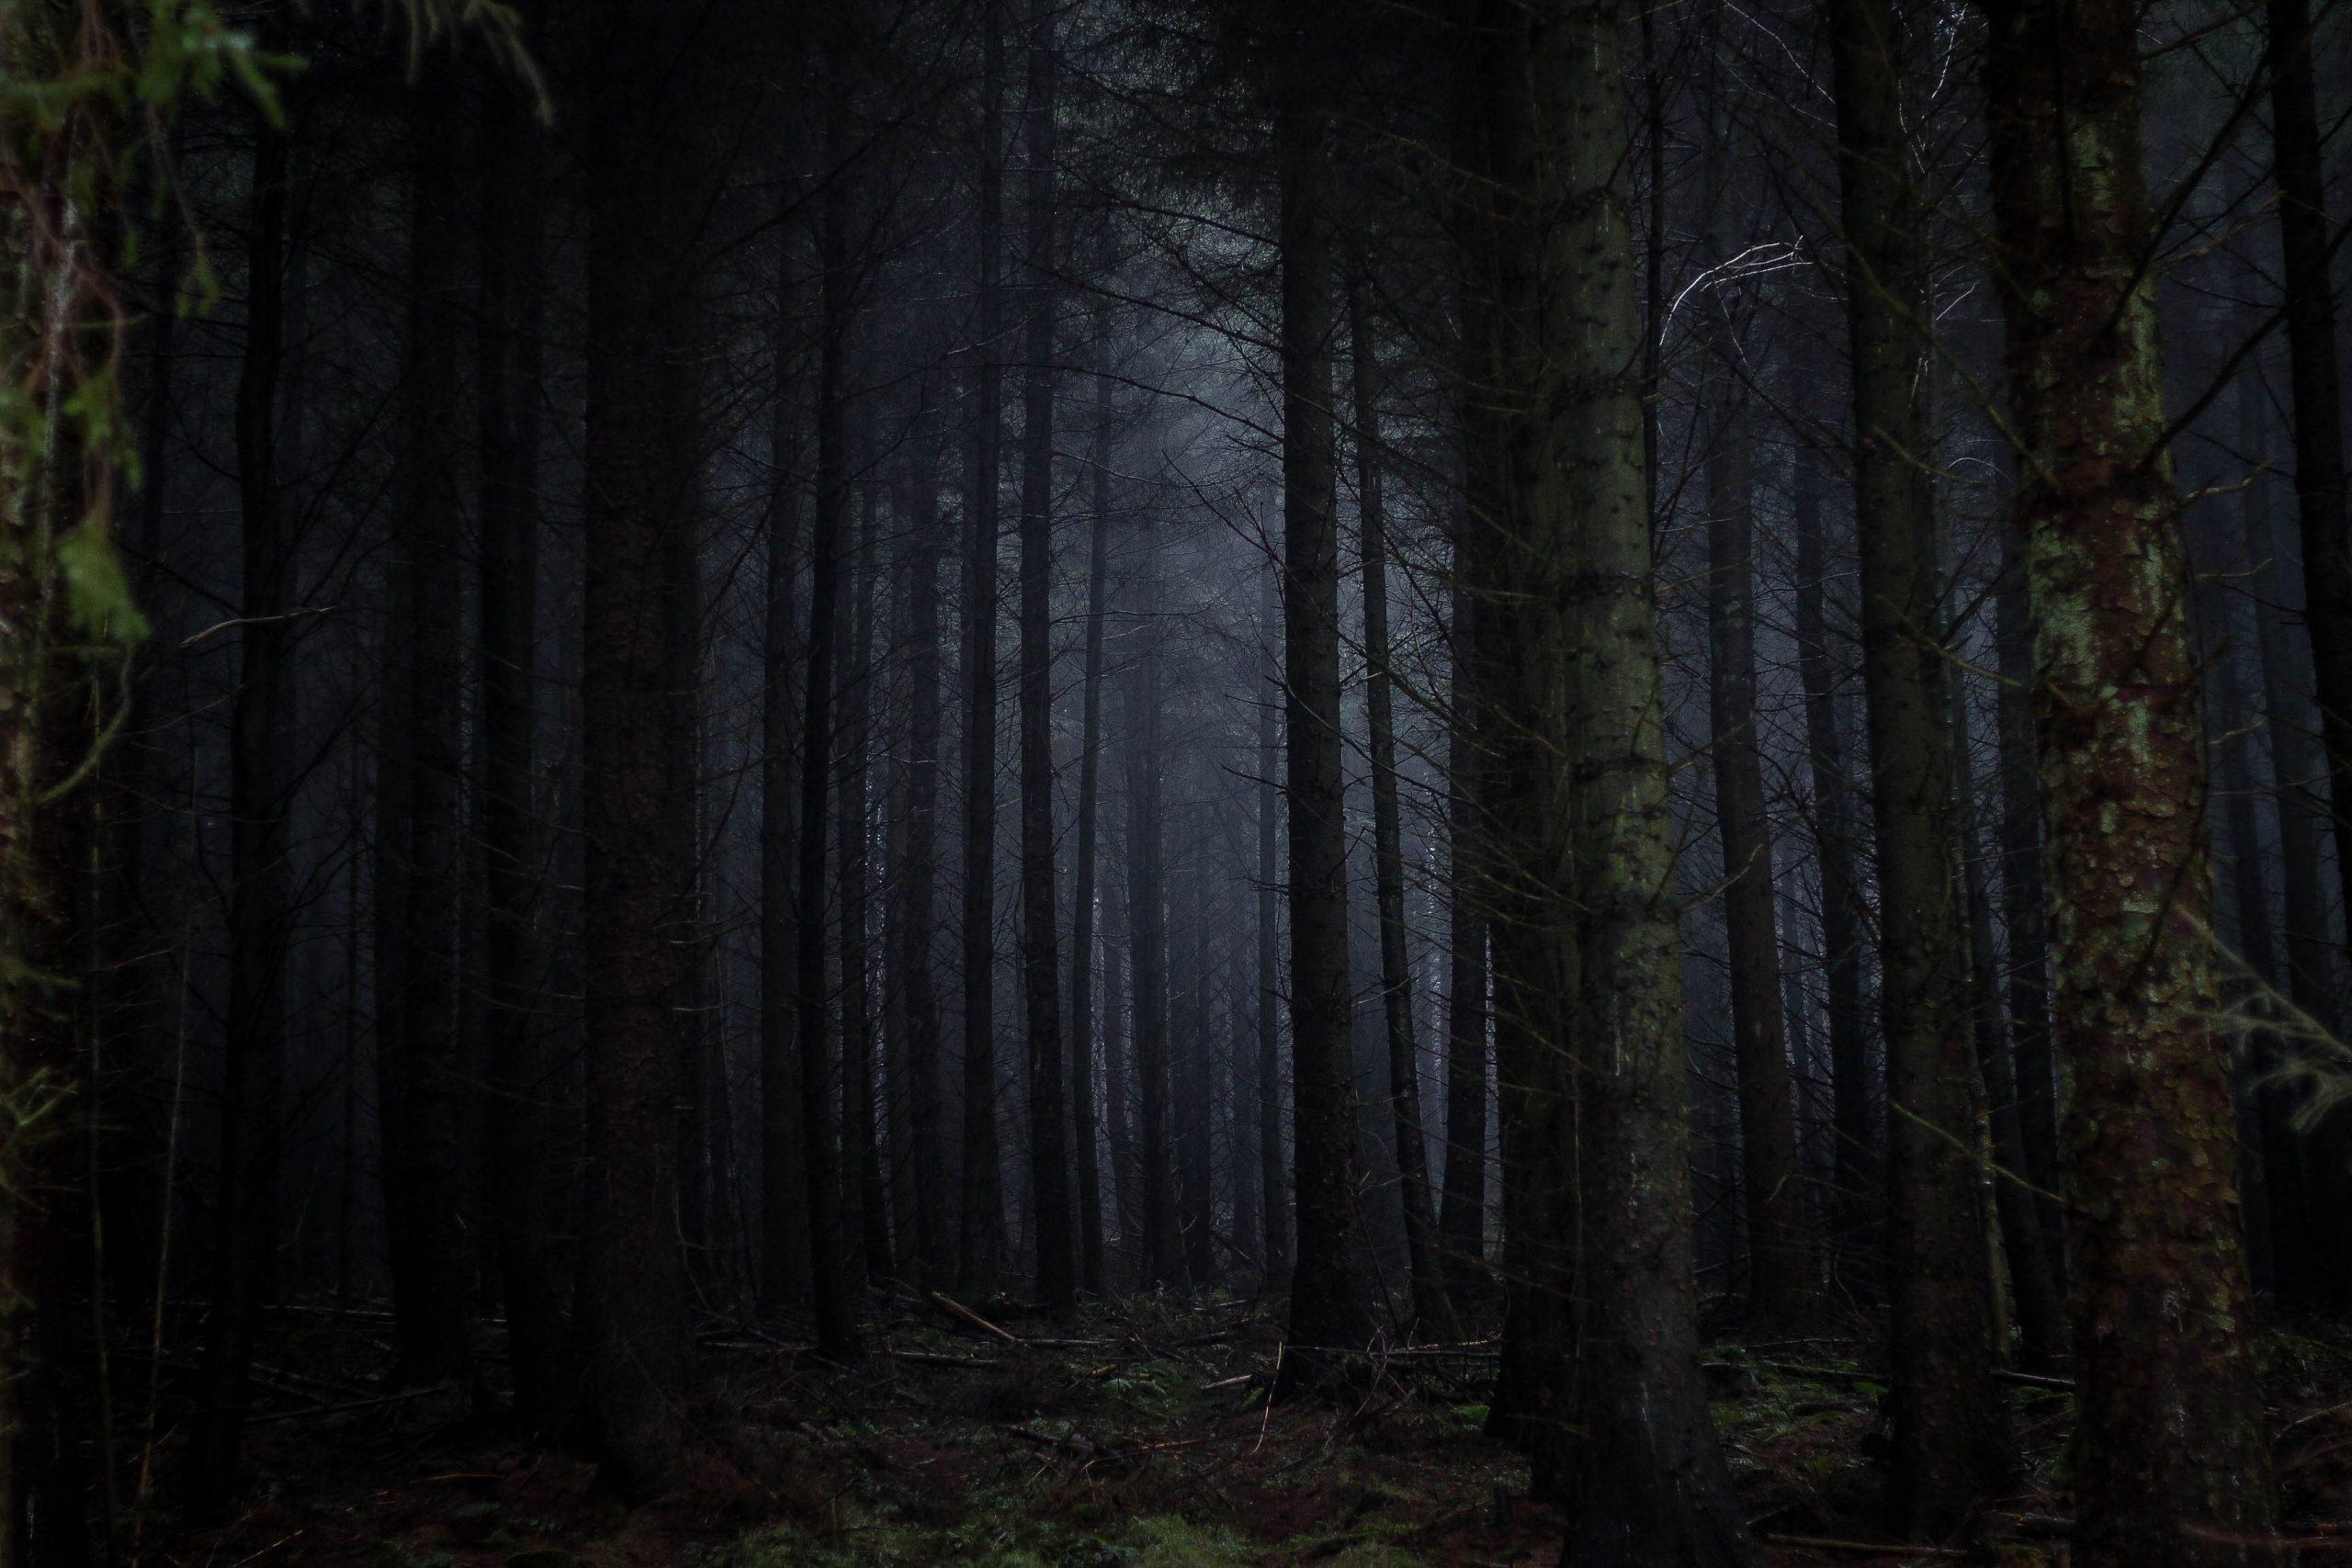 الغابة المظلمة في المنام